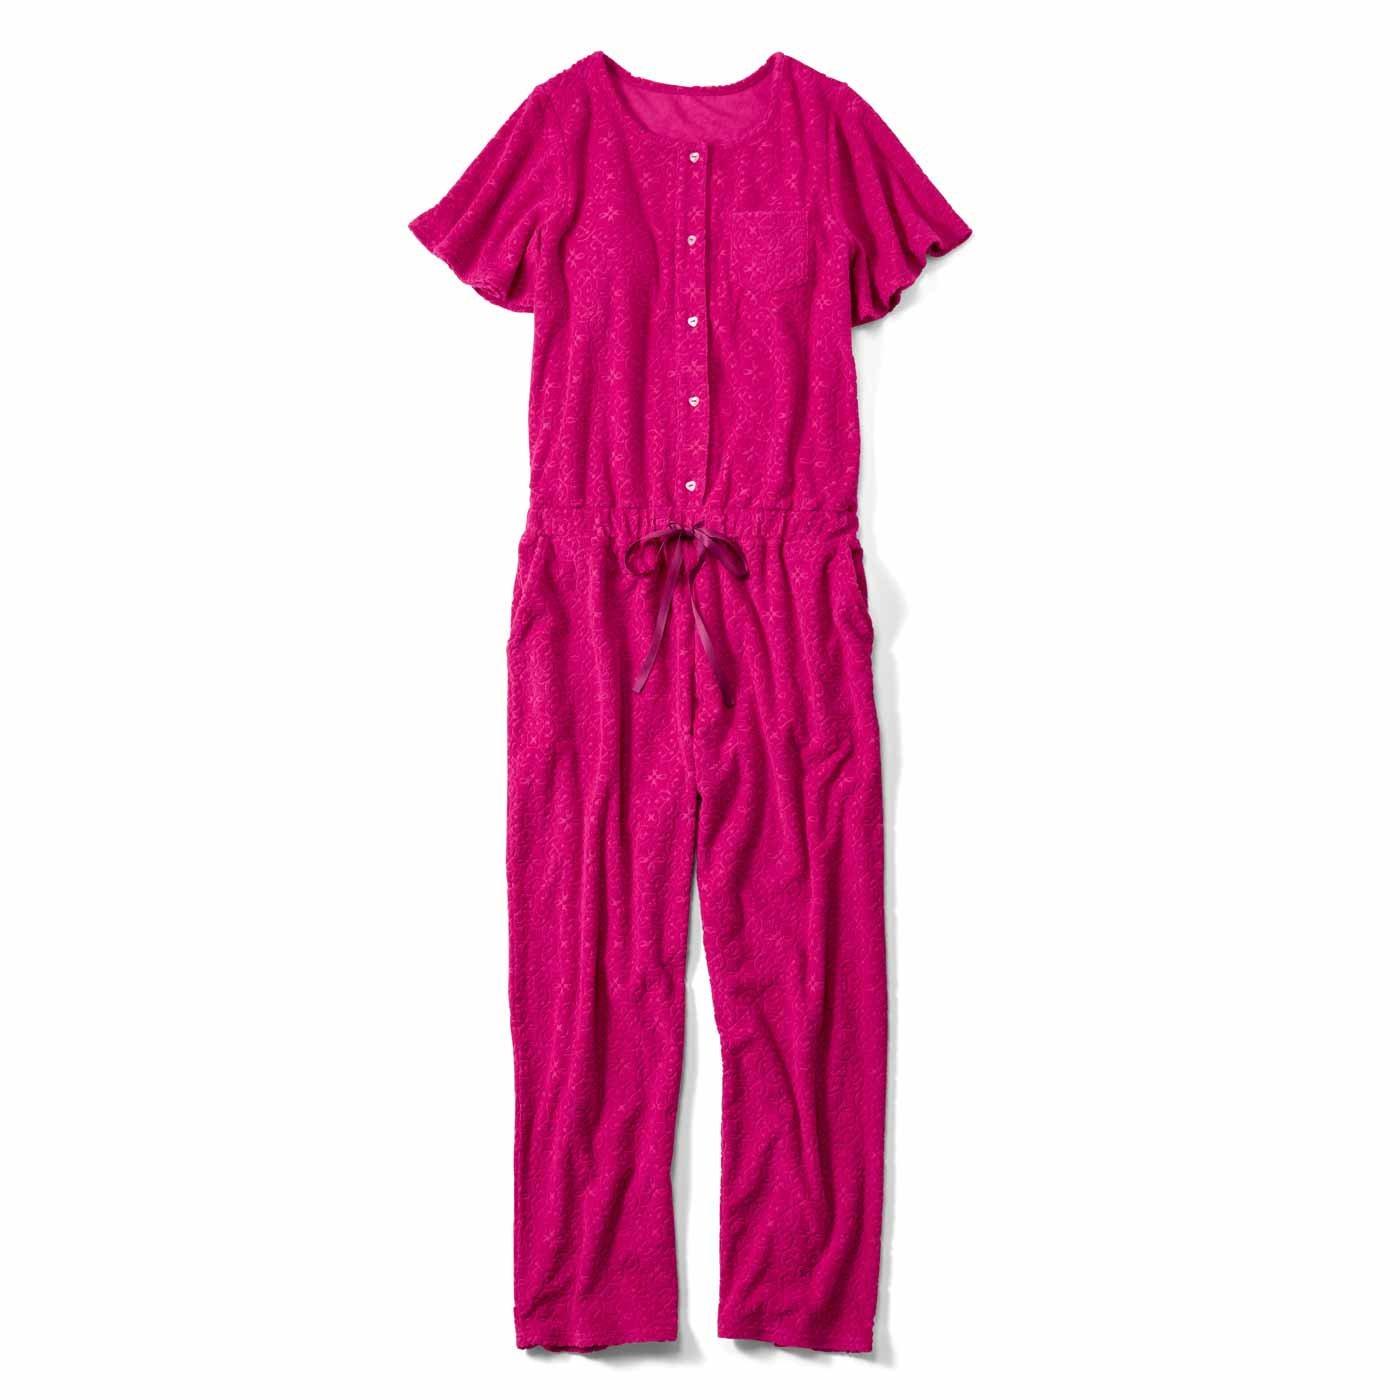 リブ イン コンフォート 究極のリラックススタイル♪ パイル素材のカップ付きオールインワン〈ピンク〉